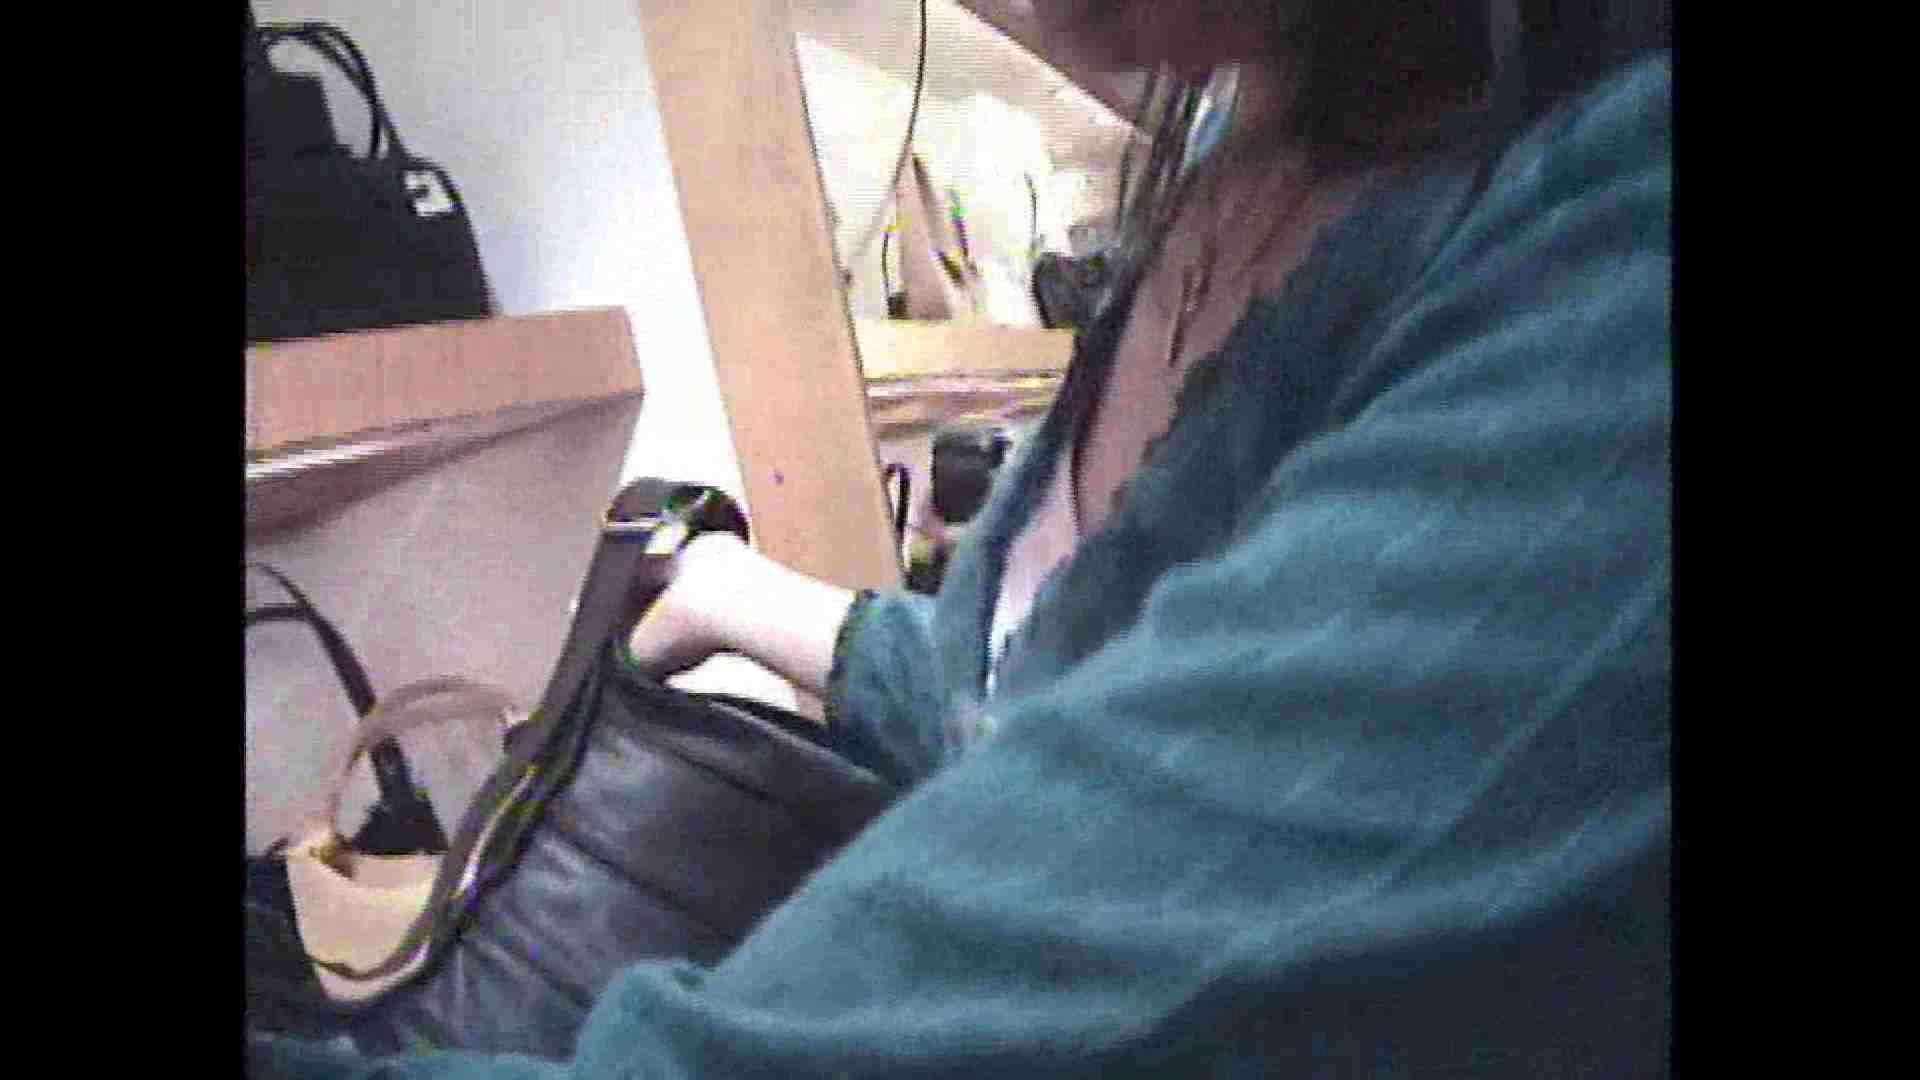 働く美女の谷間参拝 Vol.26 おっぱい特集 オマンコ動画キャプチャ 62pic 38